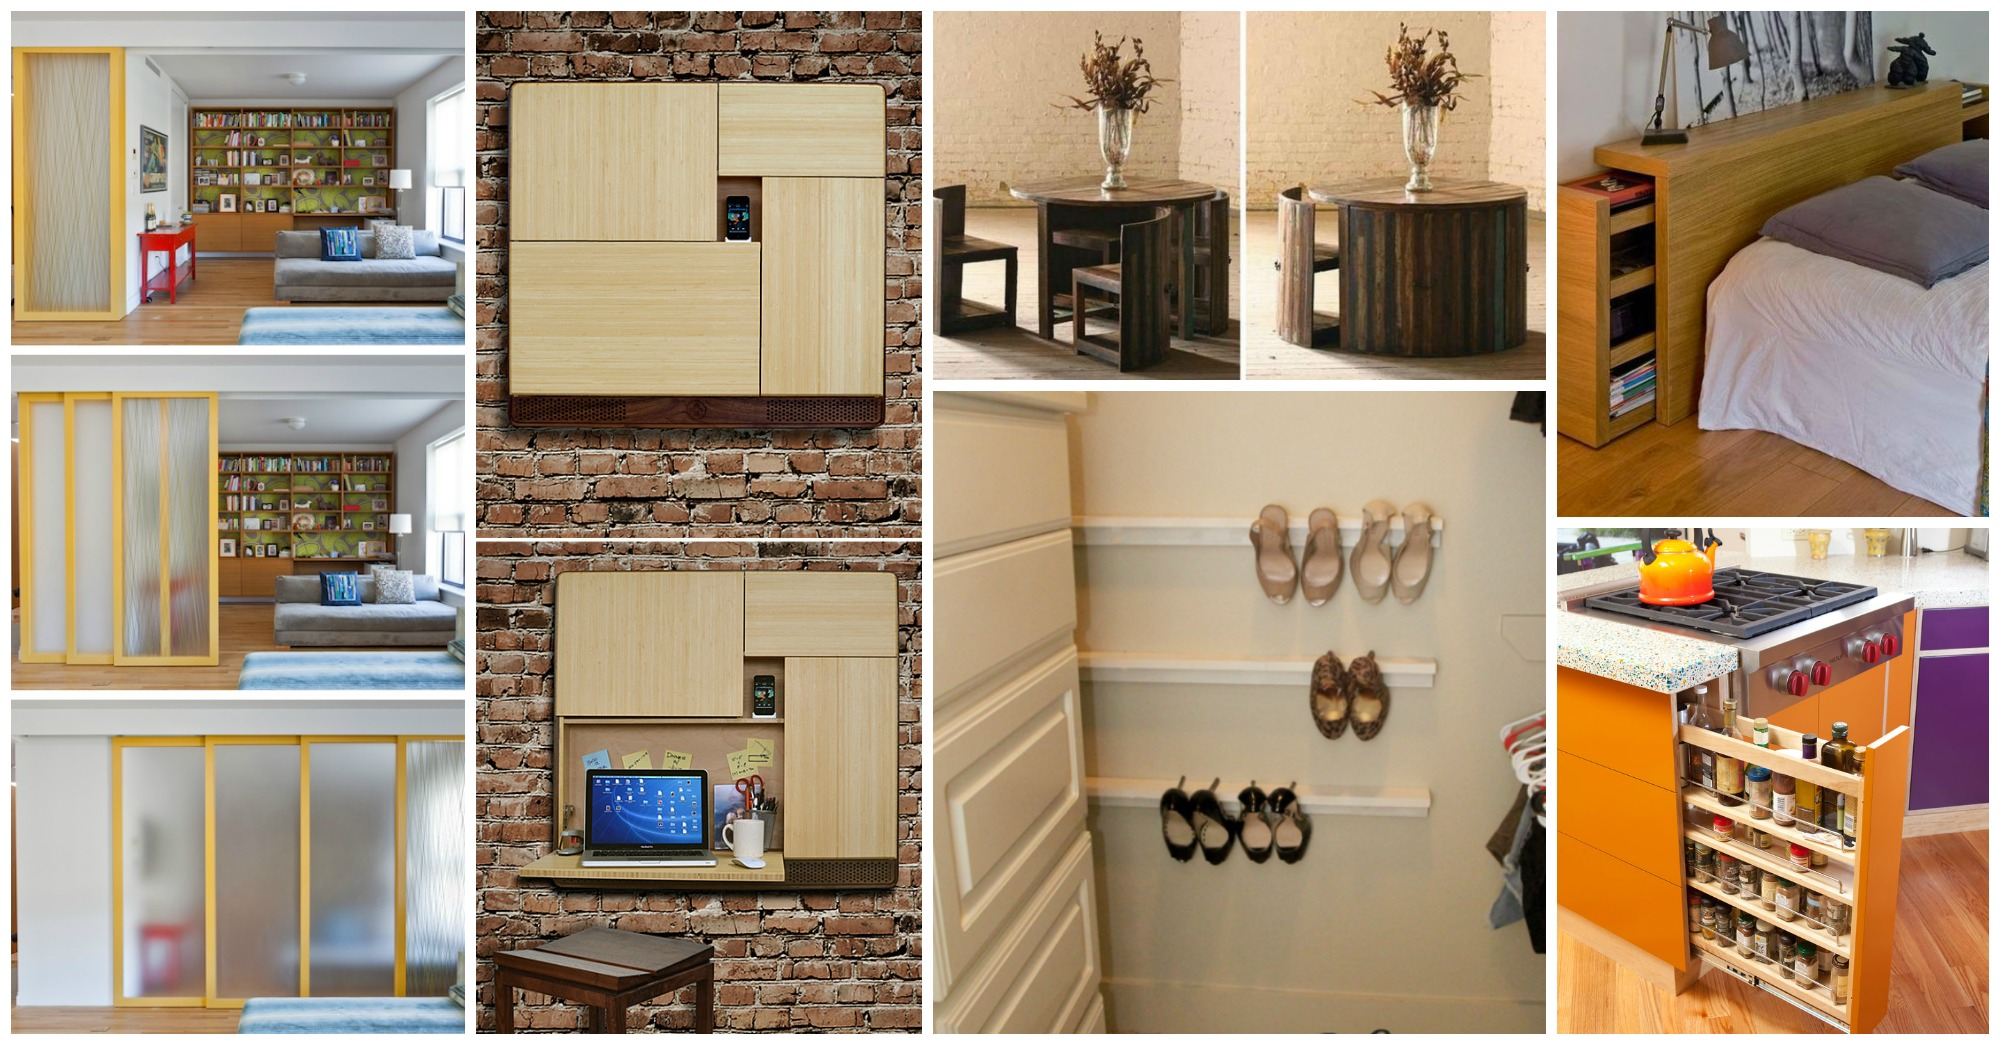 20 ideas incre bles para ahorrar espacio que har n tu - Ideas para ahorrar en casa ...